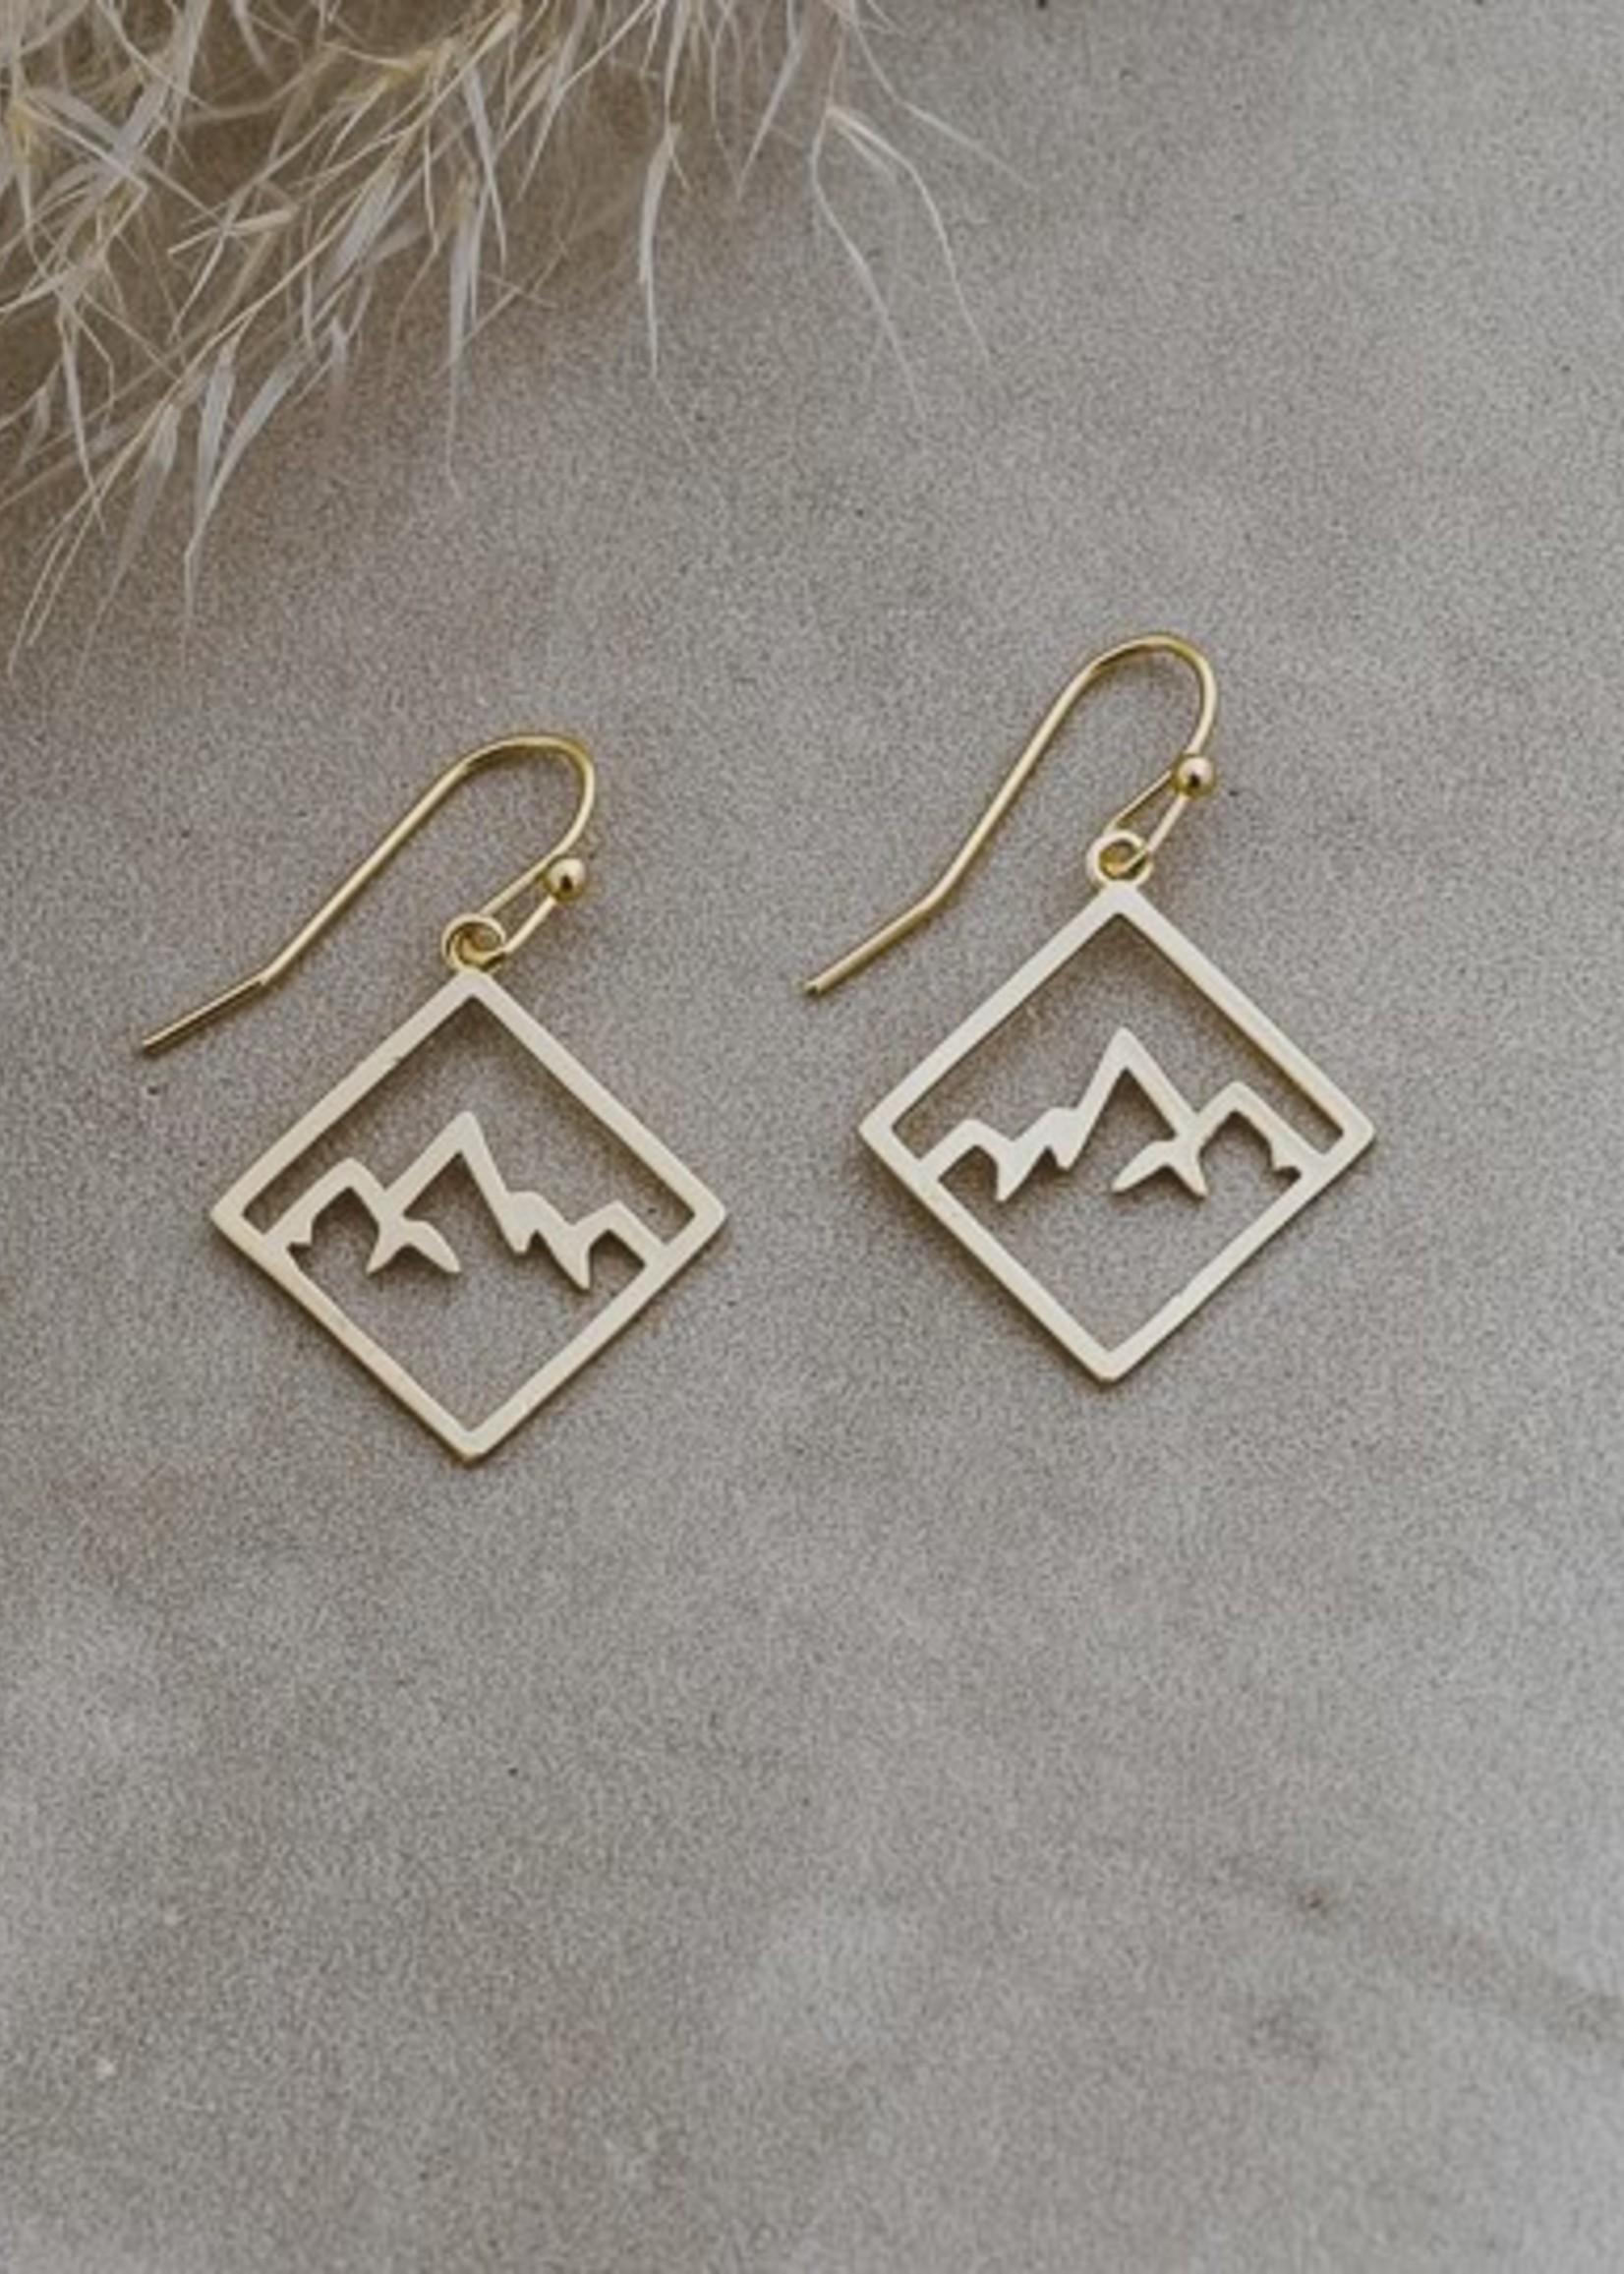 Glee Jewelry Ridge Earring Gold